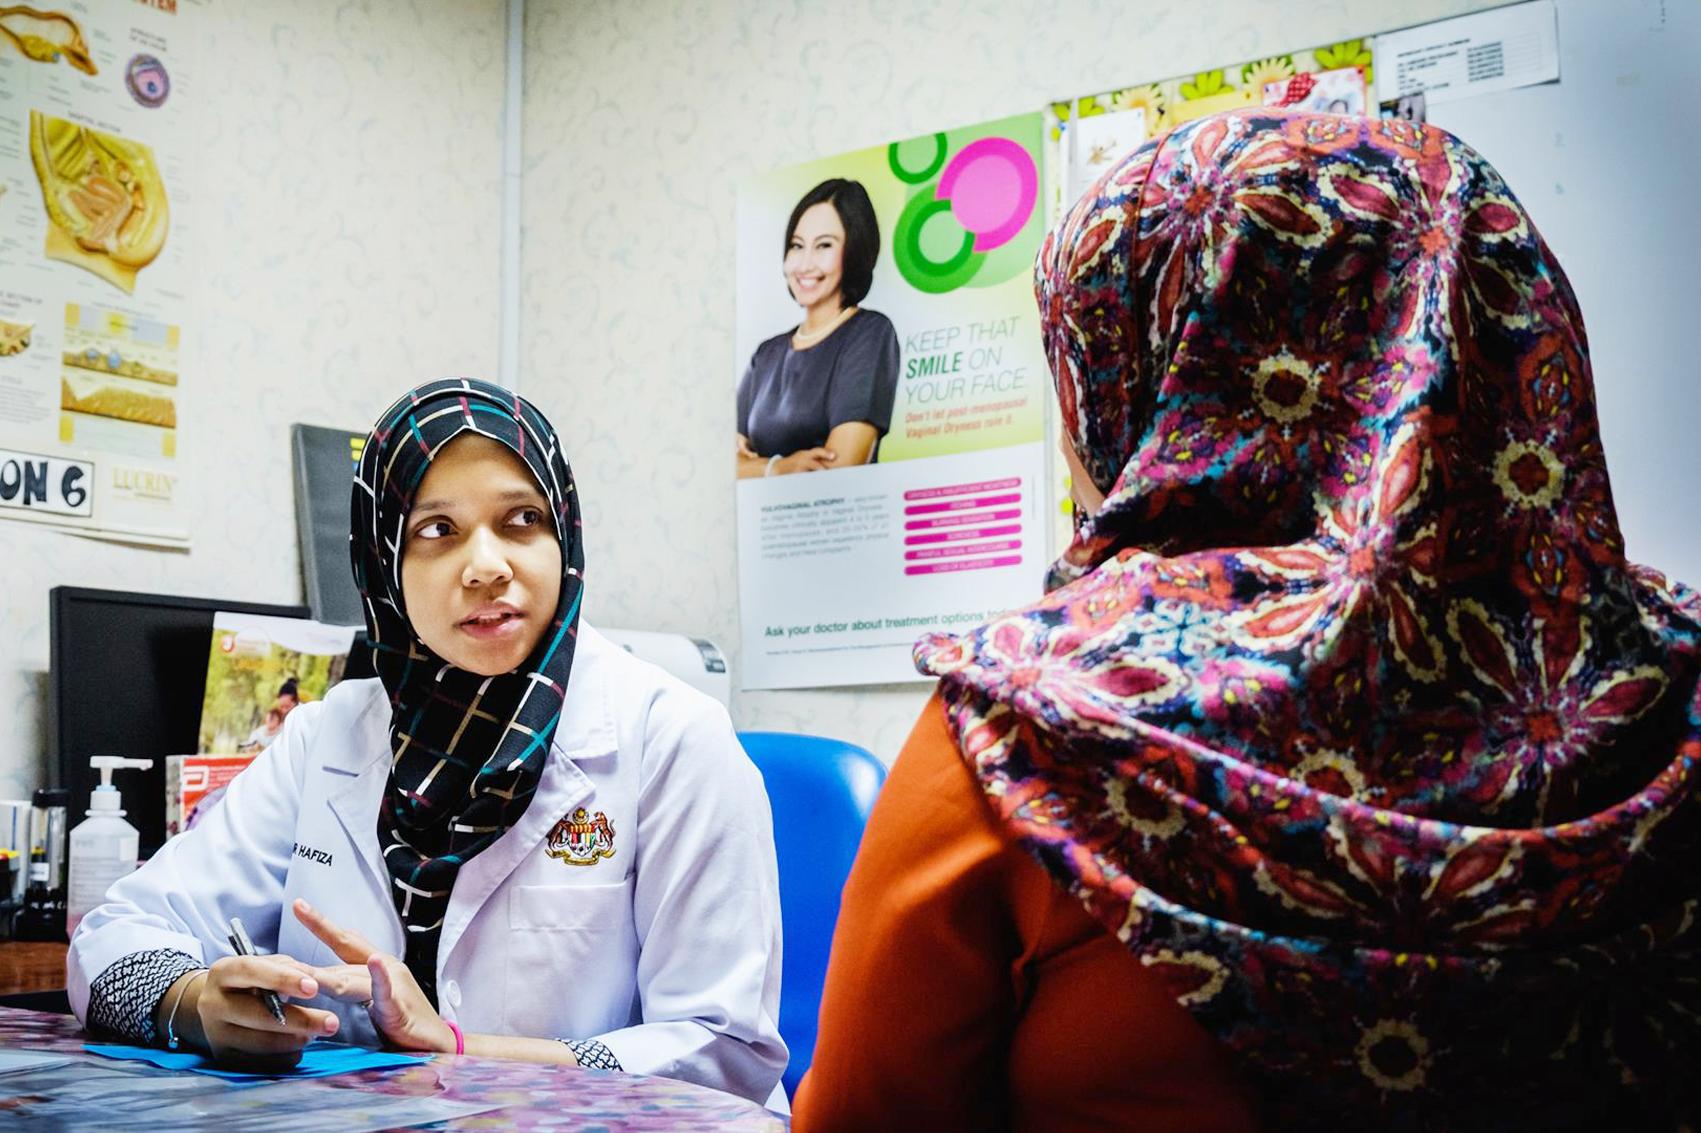 التغطية الصحية الشاملة.. في يوم الصحة العالمي